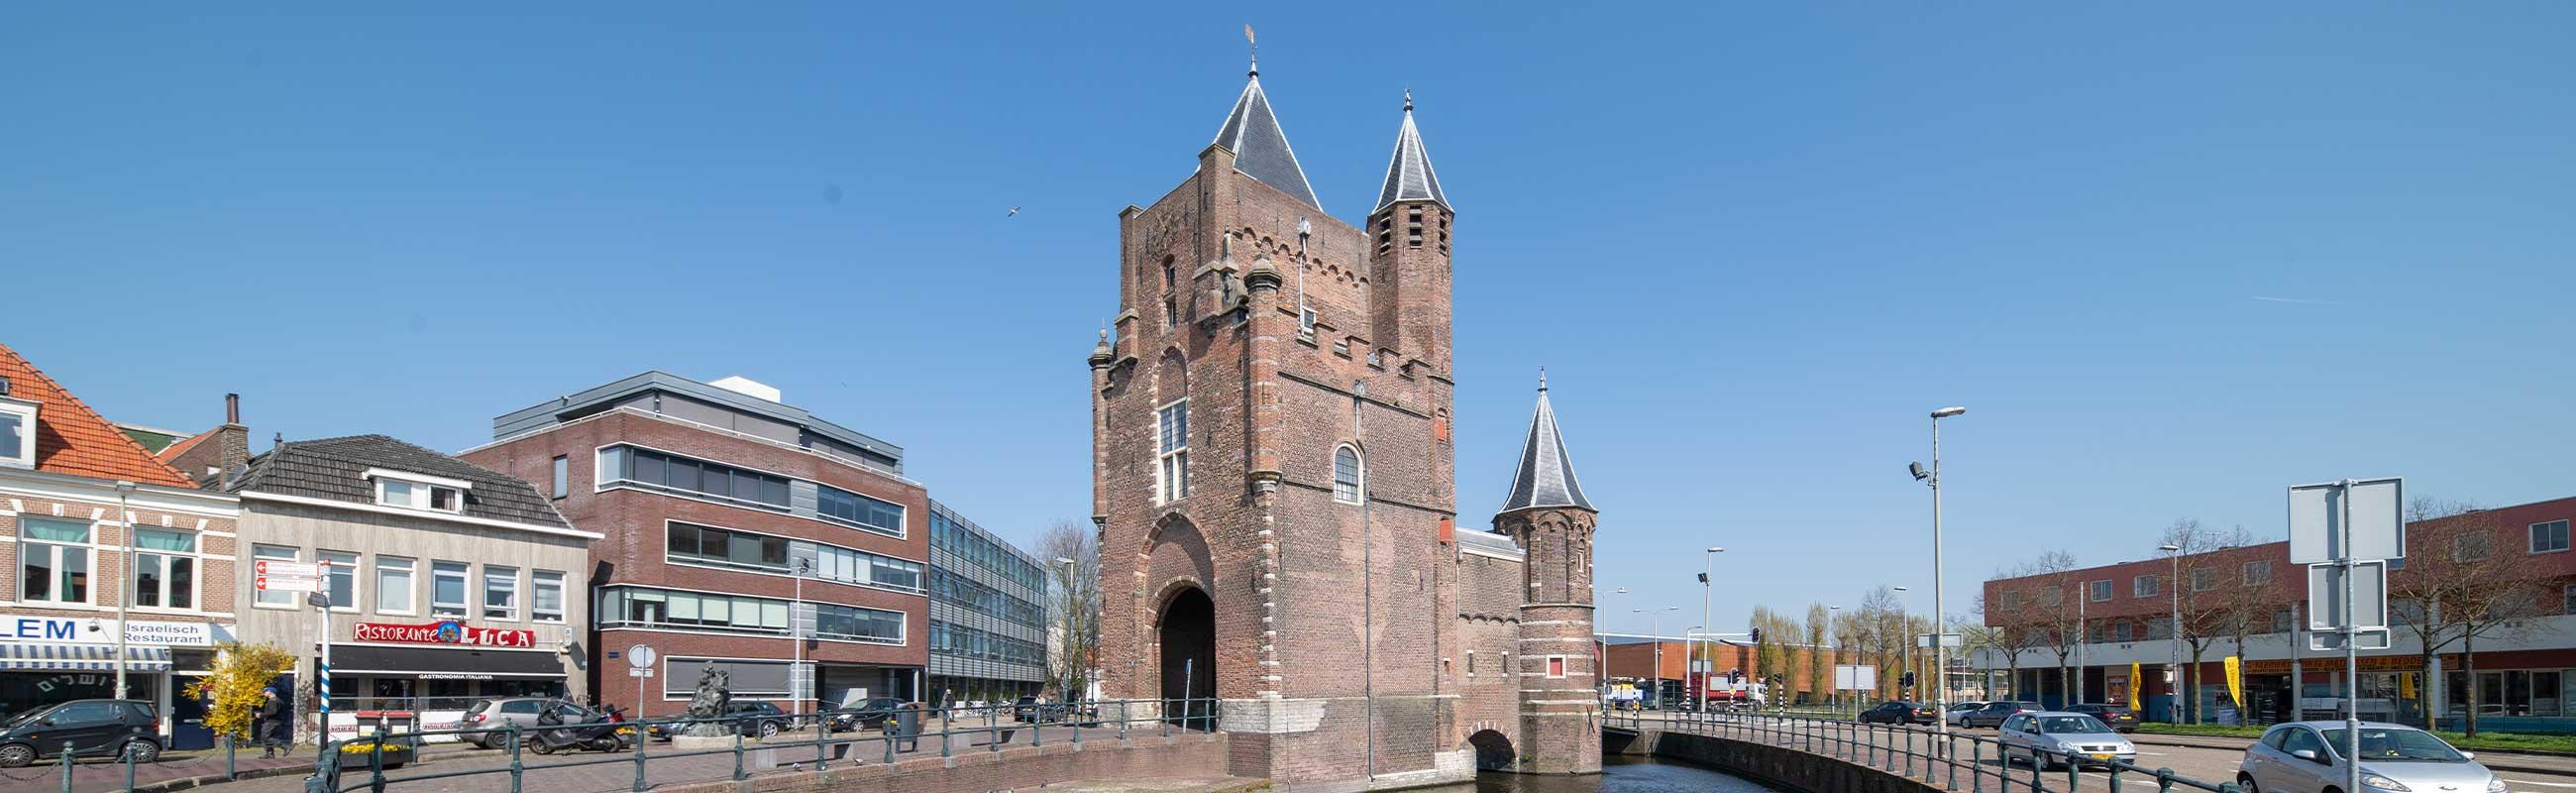 Wonen in Haarlem Oost naast de Amsterdamse Poort.